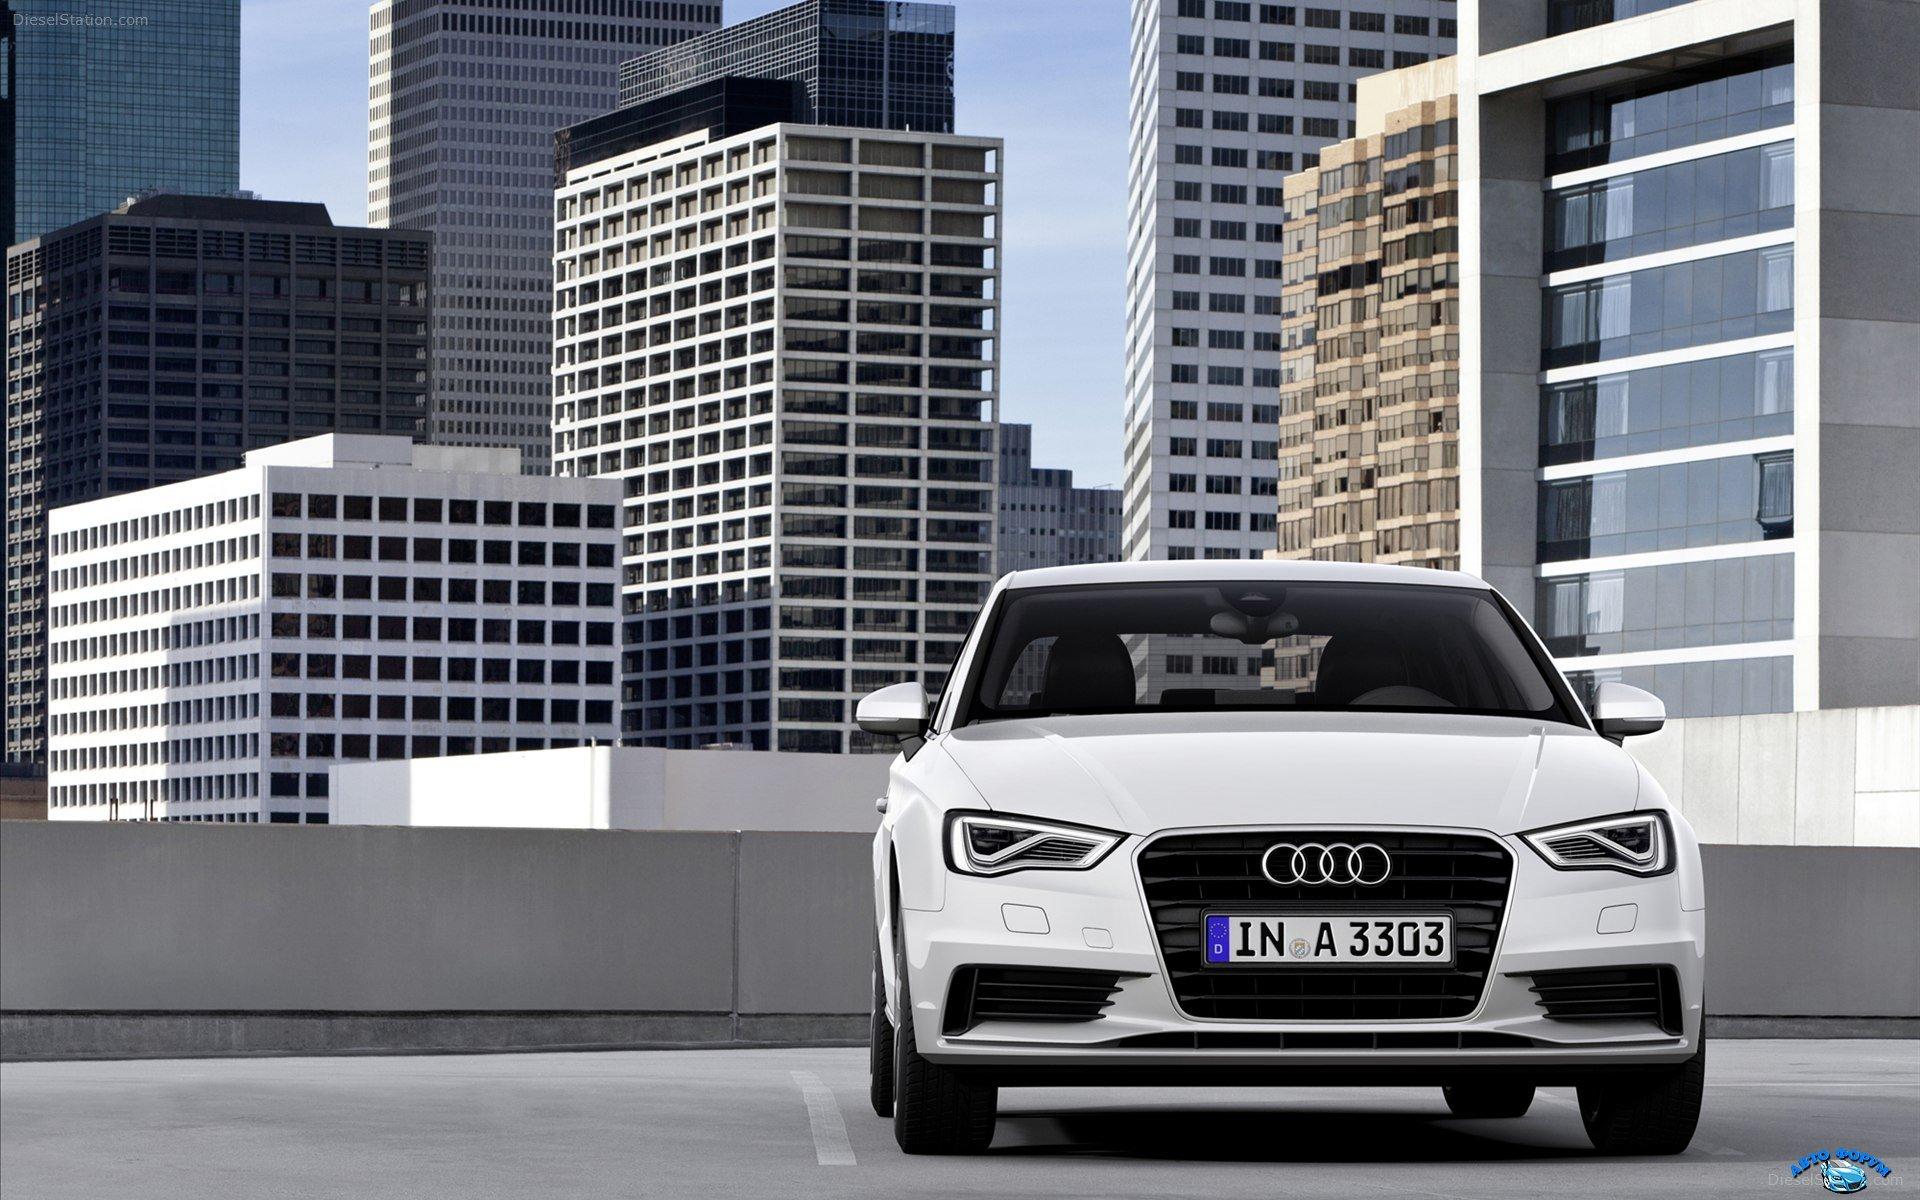 Audi-A3-Sedan-2014-widescreen-02.jpg